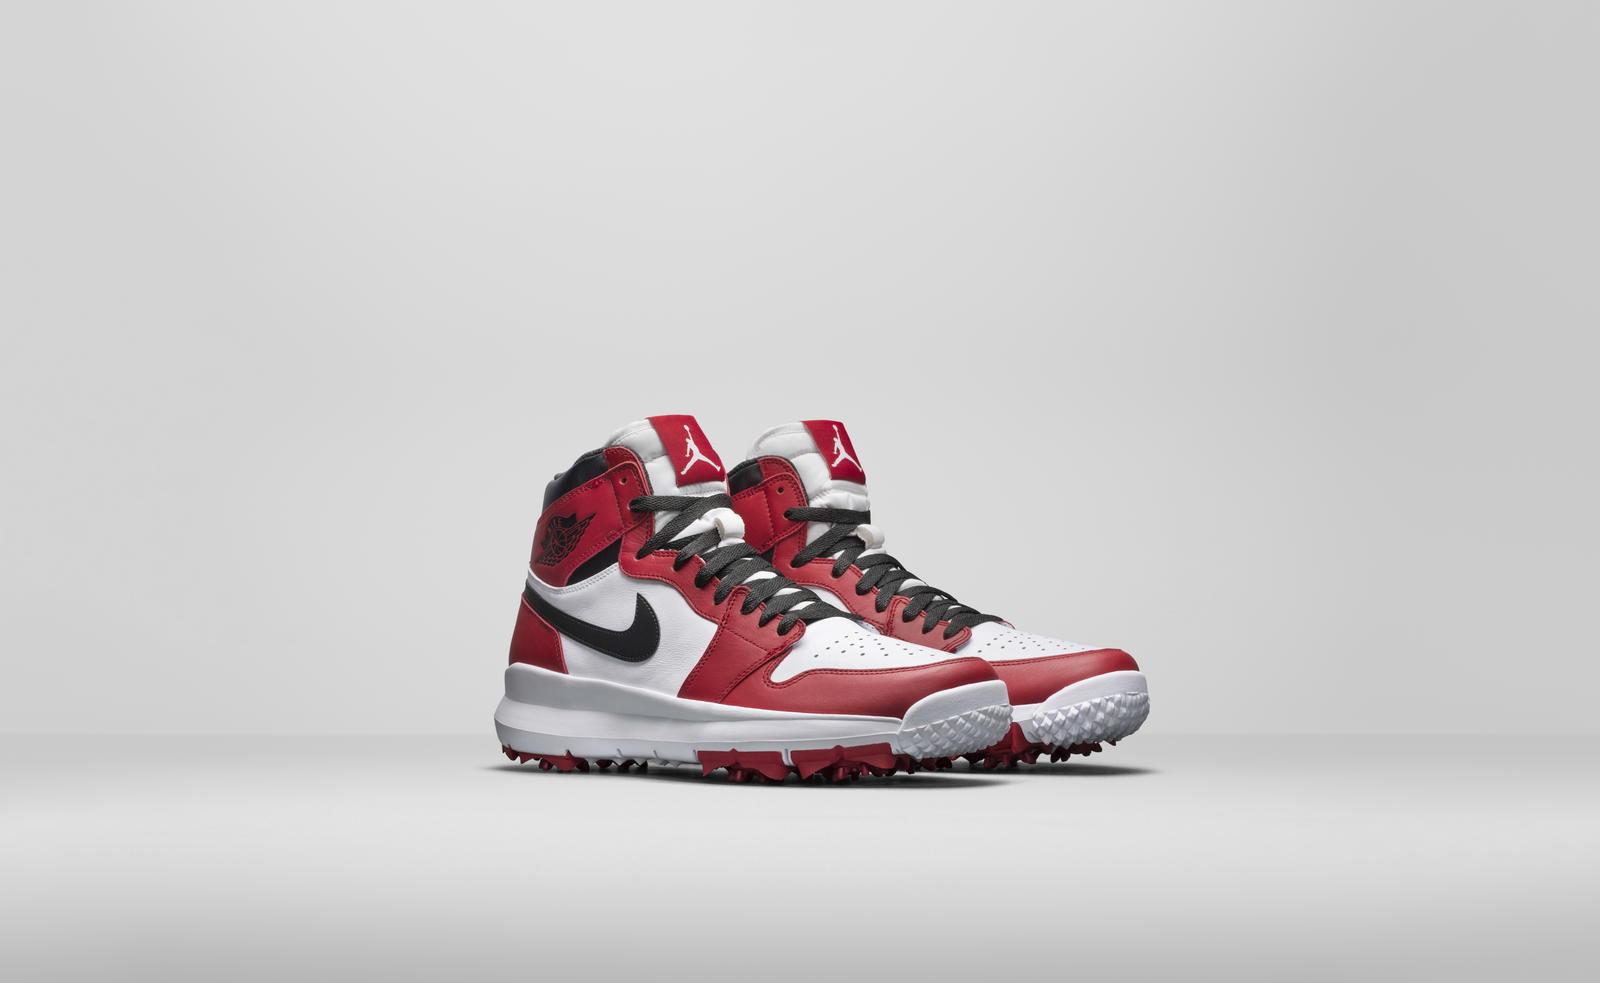 Air Jordan 1 29 Charte